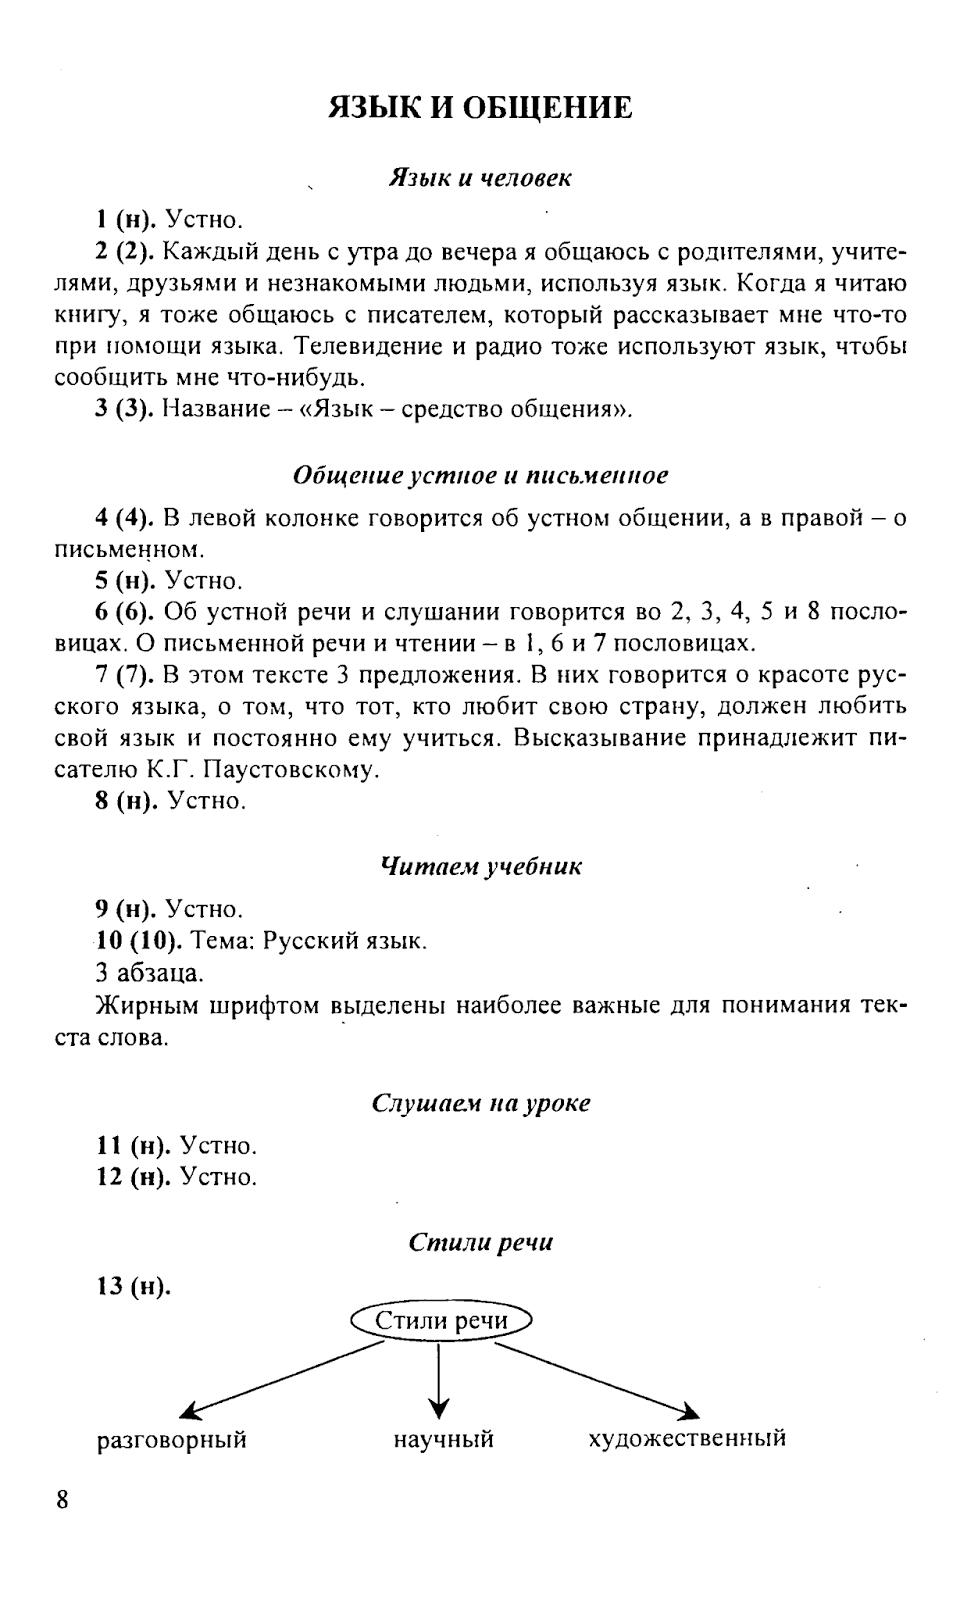 Гдз 5 класс русский язык ладыженская вторая часть